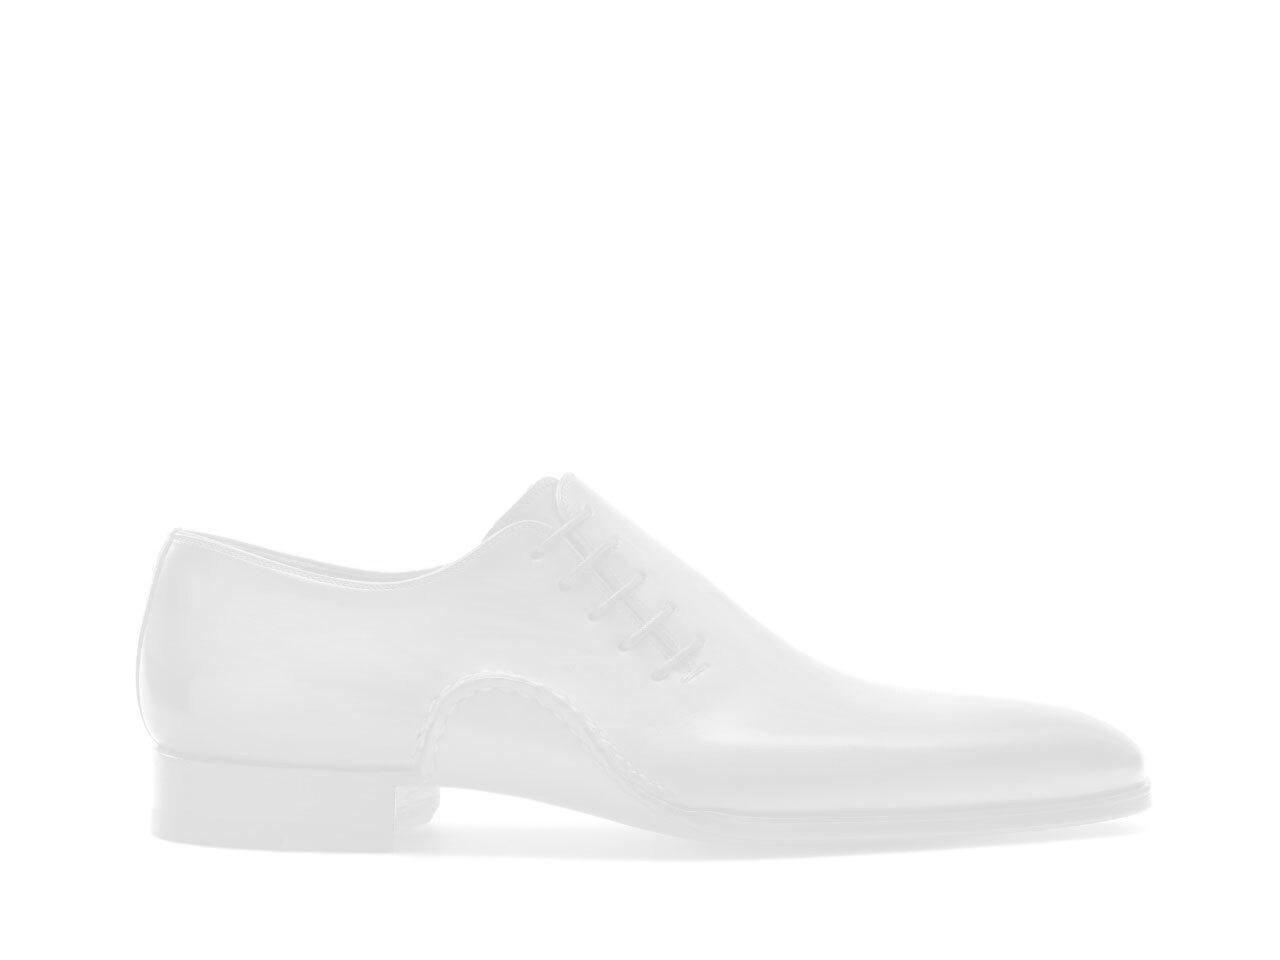 Pair of the Magnanni Saffron Black Men's Oxford Shoes